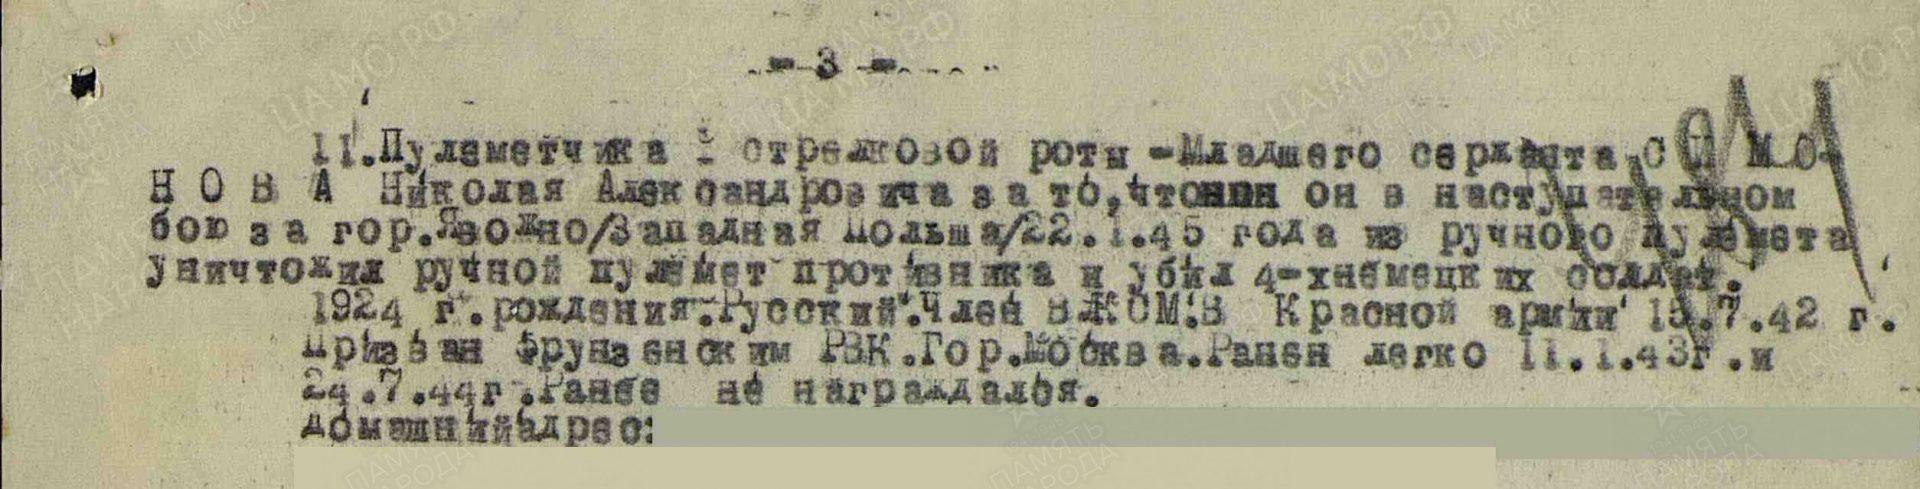 Симонов Николай Александрович